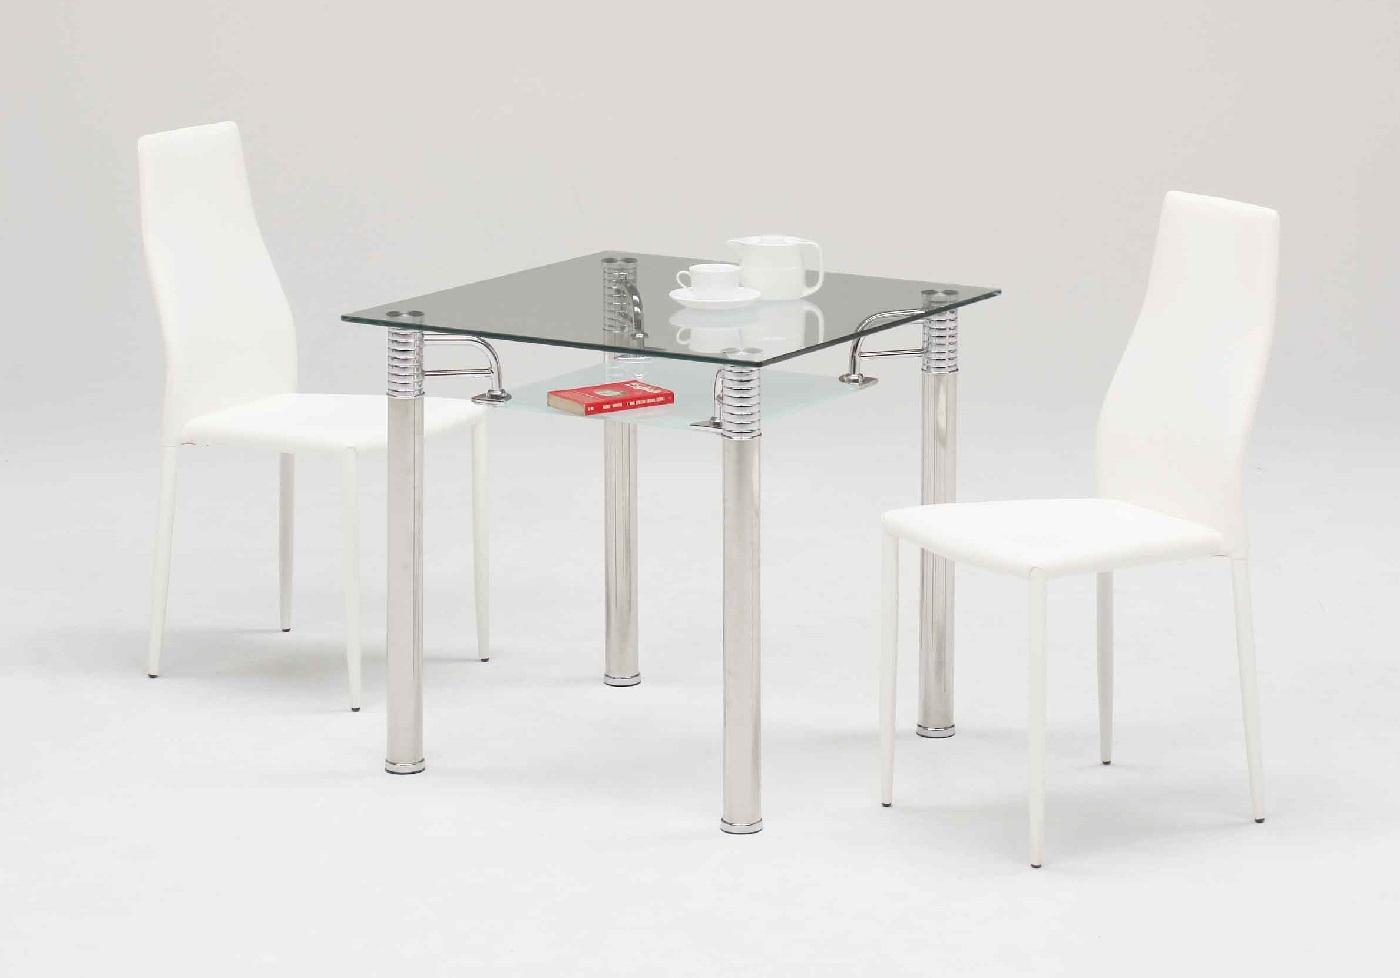 テーブル チェア単品からセット購入まで可能です テーブルのみからチェアセットまで選べる 80 ダイニングテーブル 正方形 チェア 2脚 ダイニング リビング 5点セット 100%品質保証! シック 北欧 ガラス ホワイト 2020 ブラック ガラステーブル 送料無料 テーブルのみ 黒 5点 白 3点 モダン 3点セット 5点セット